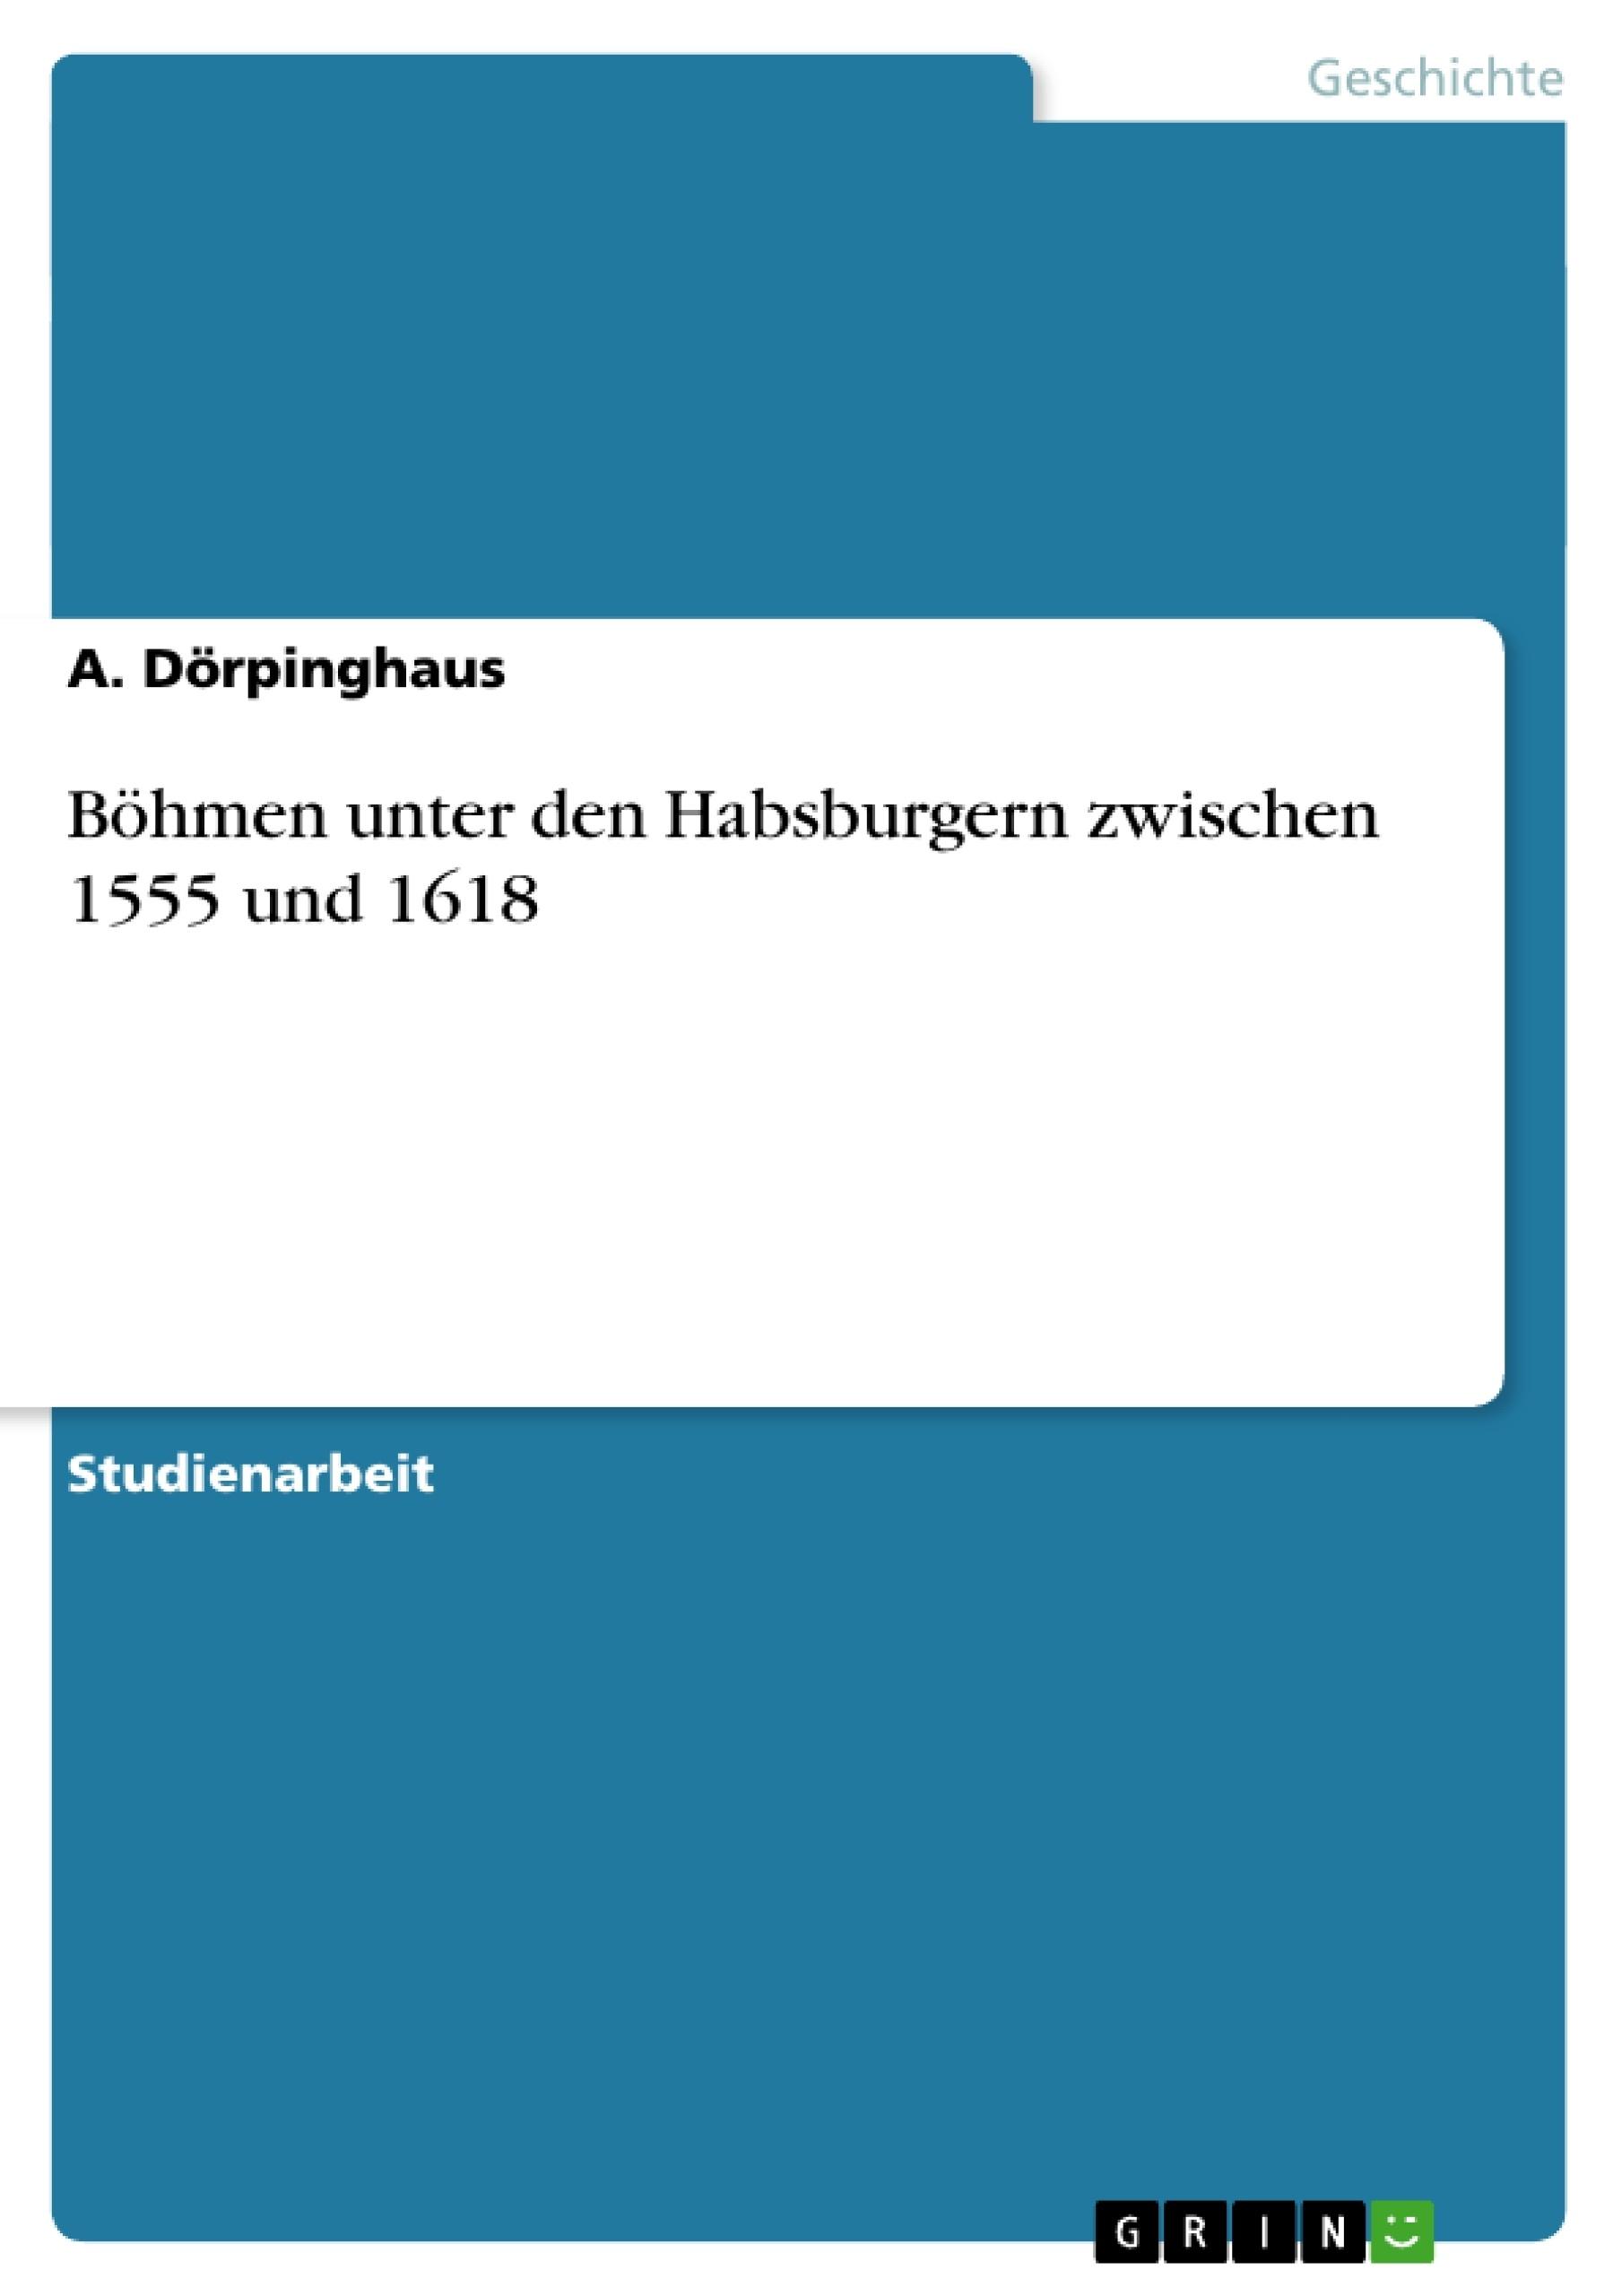 Titel: Böhmen unter den Habsburgern zwischen 1555 und 1618